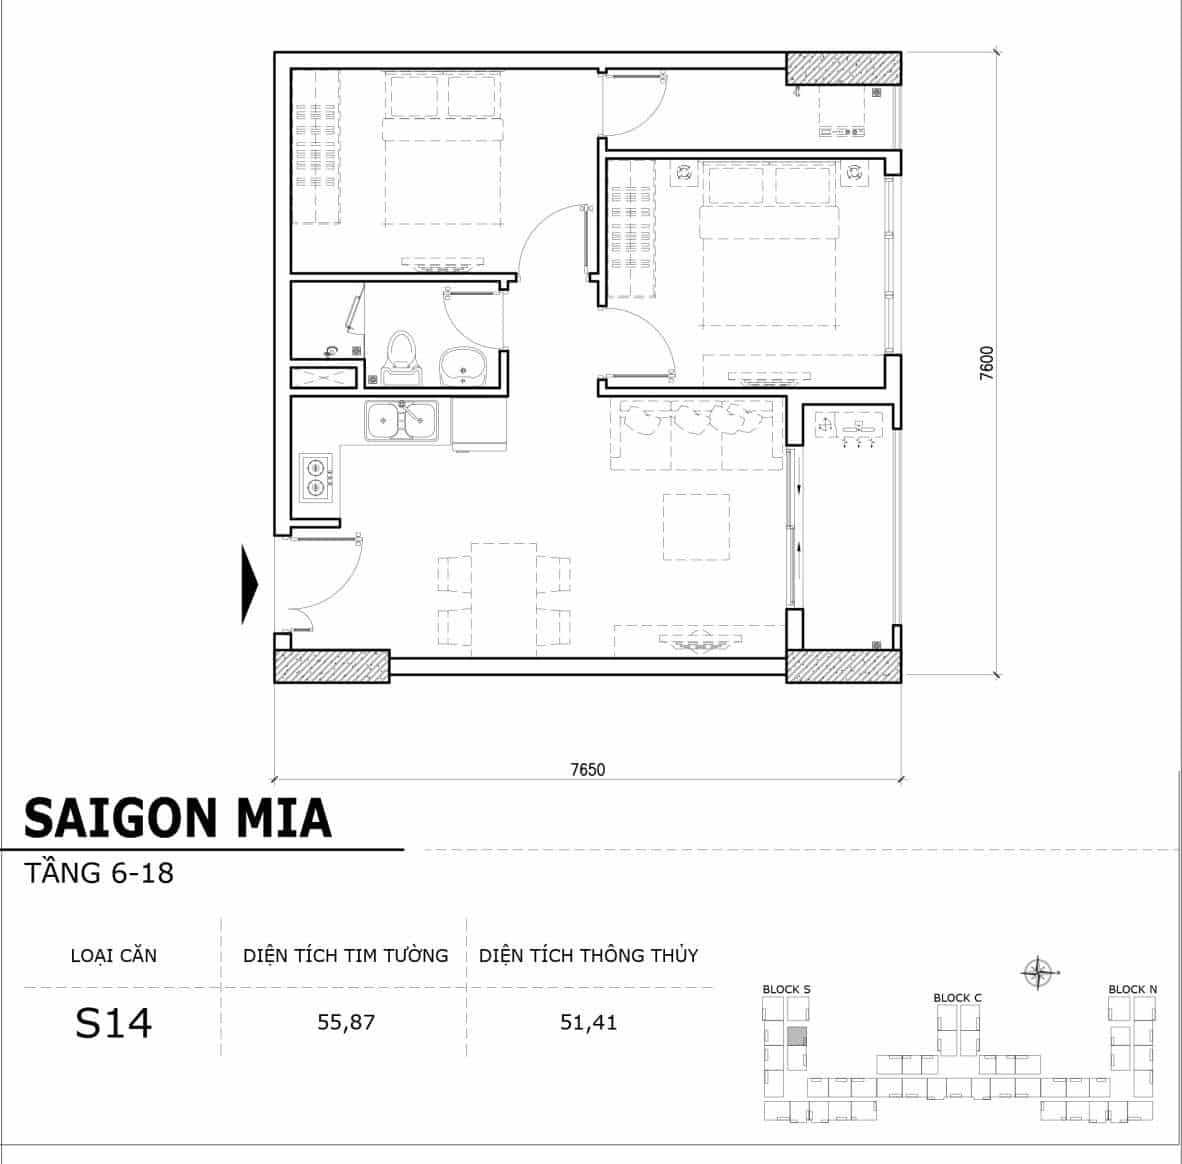 Chi tiết thiết kế căn hộ điển hình tầng 6-18 dự án Sài Gòn Mia - Căn S14